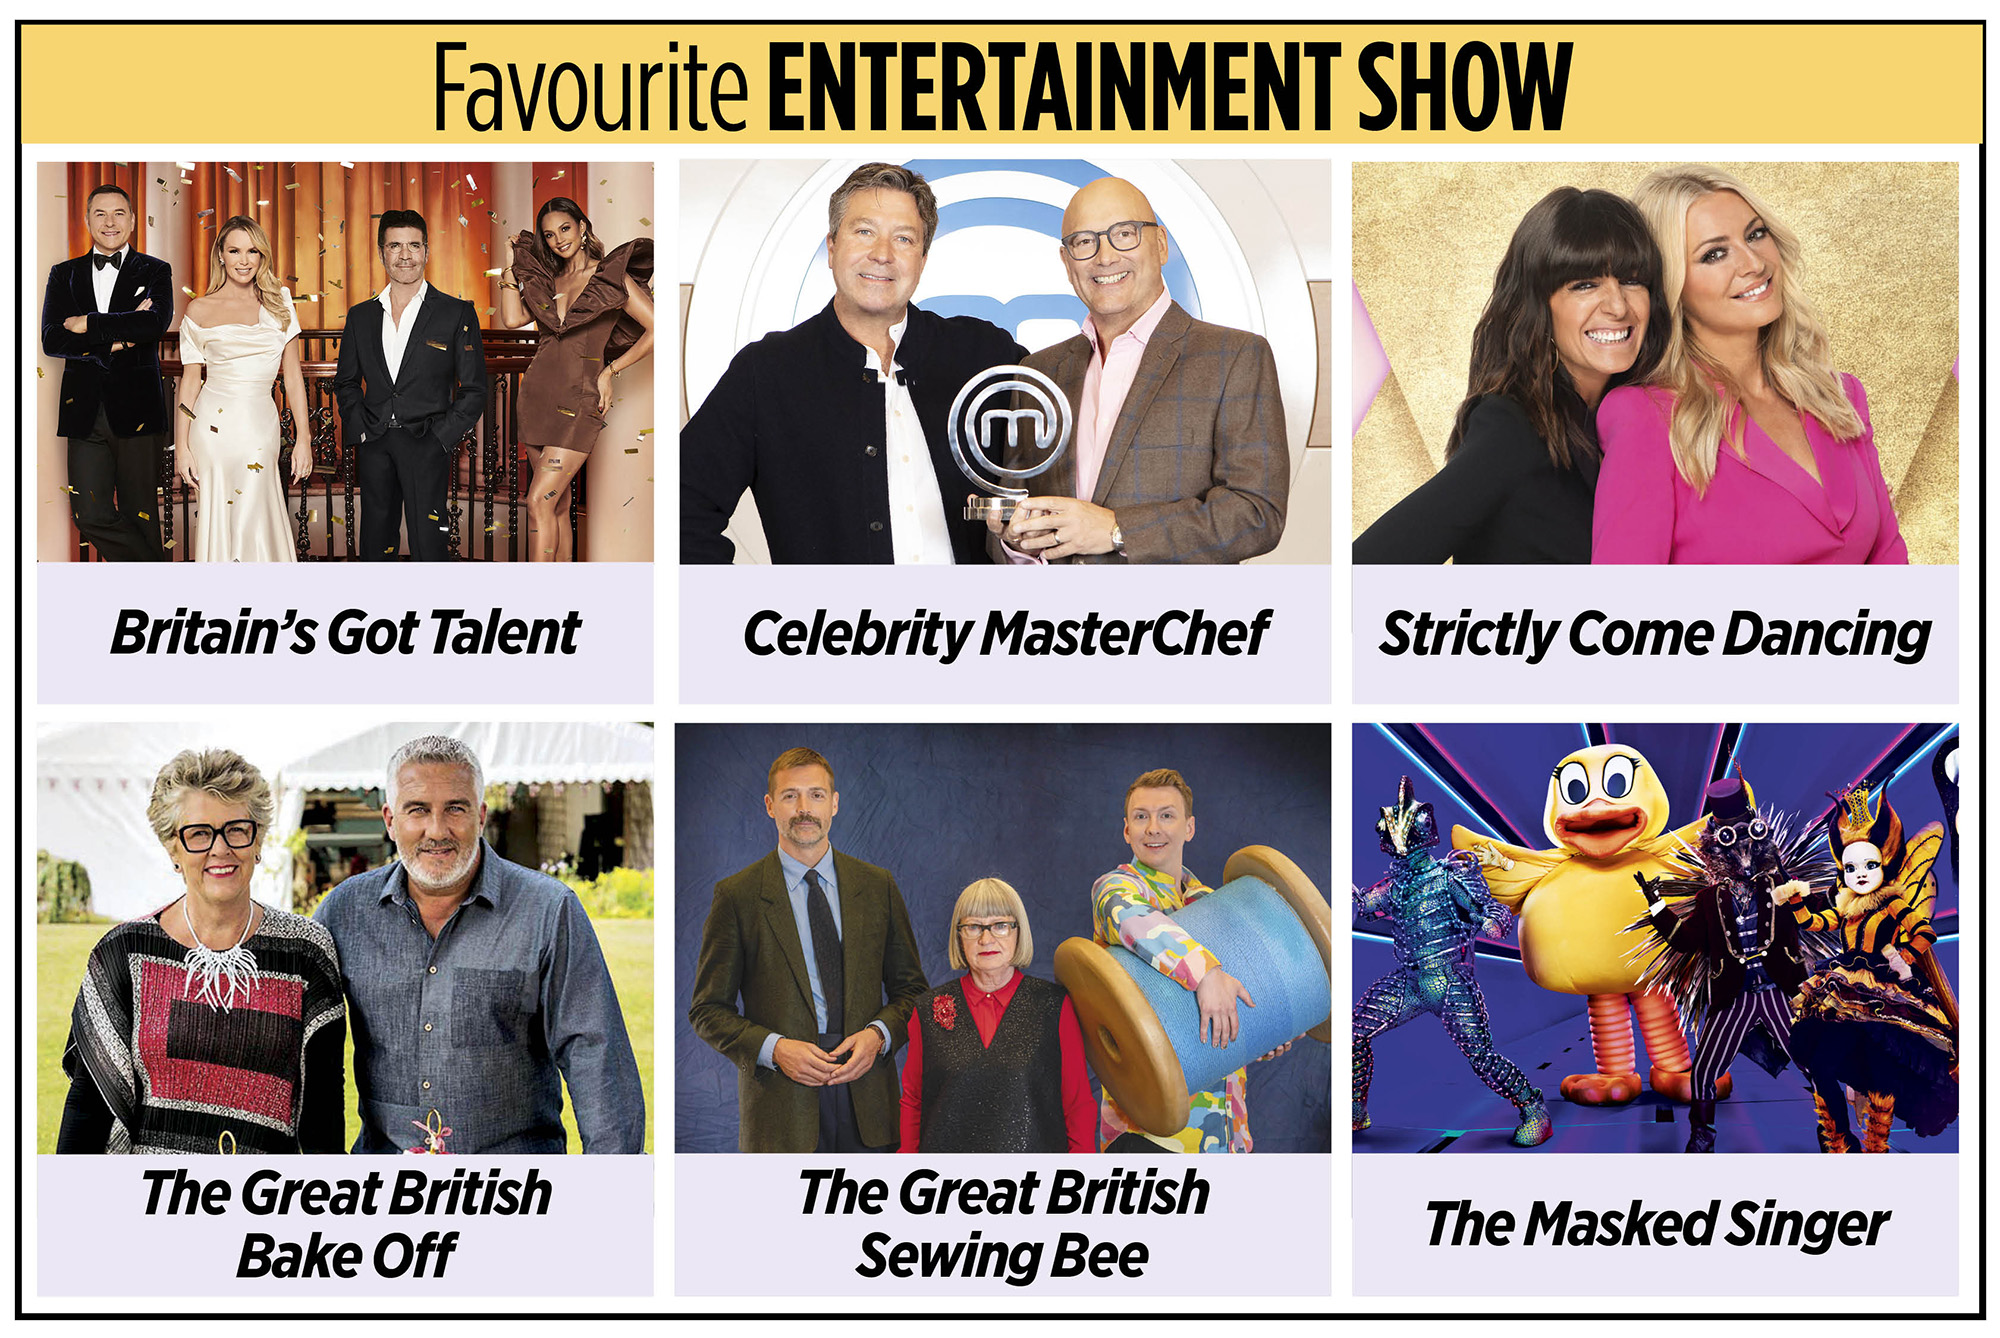 Programa de entretenimiento favorito de los TV Times Awards 2020